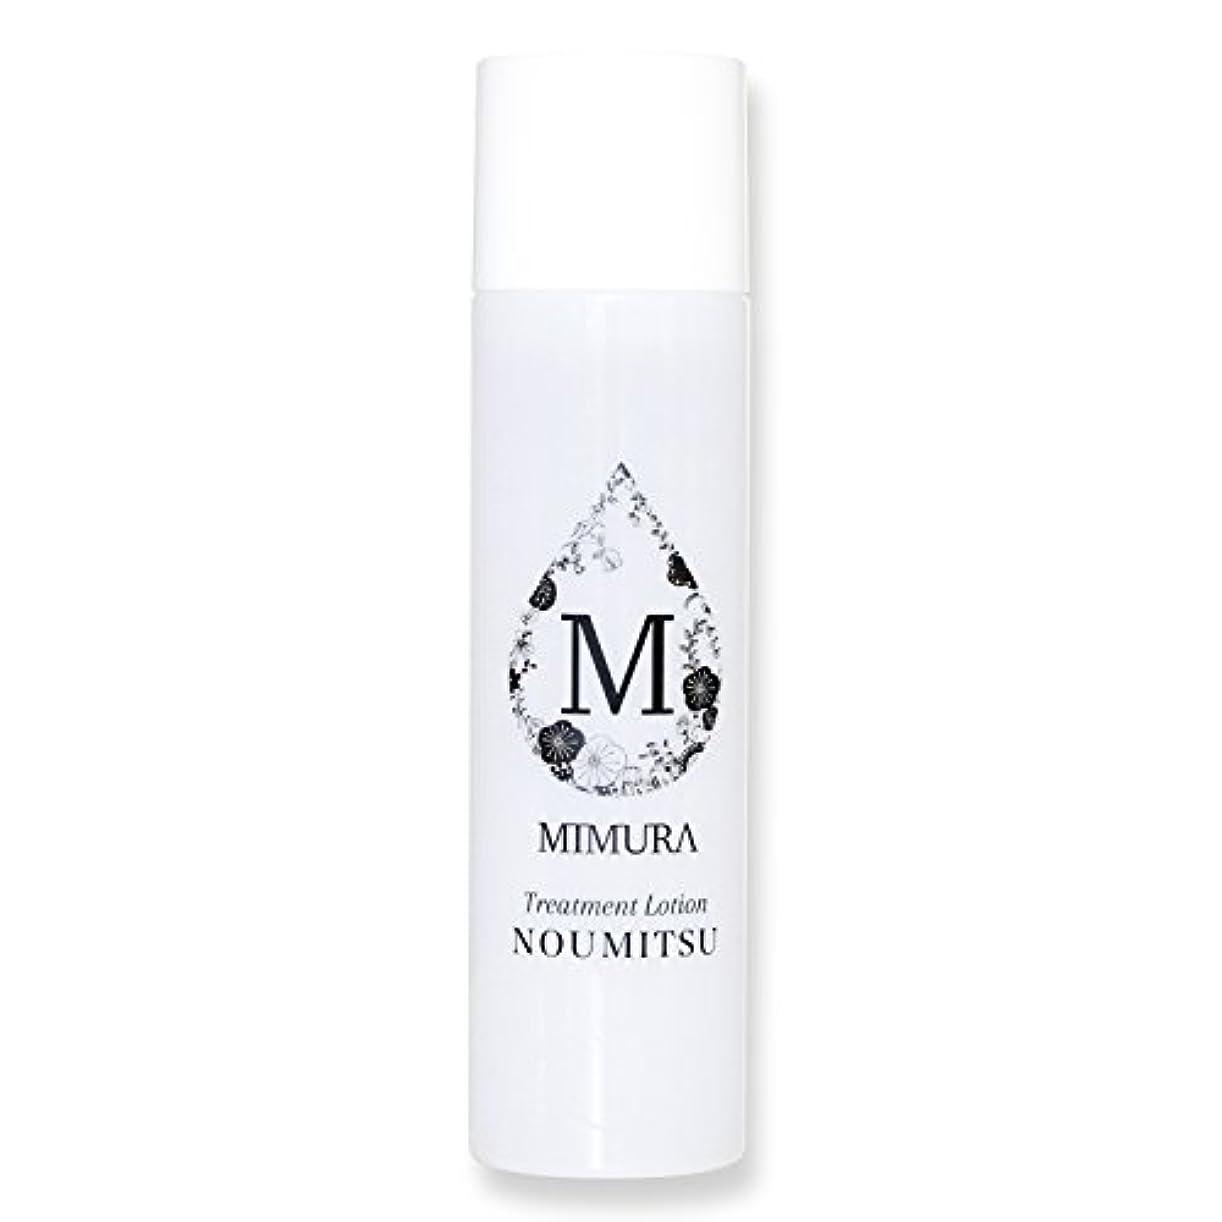 嫉妬独立してラジウム化粧水 乾燥肌 うるおい 送料無料 ミムラ トリートメントローション NOUMITSU MIMURA 日本製